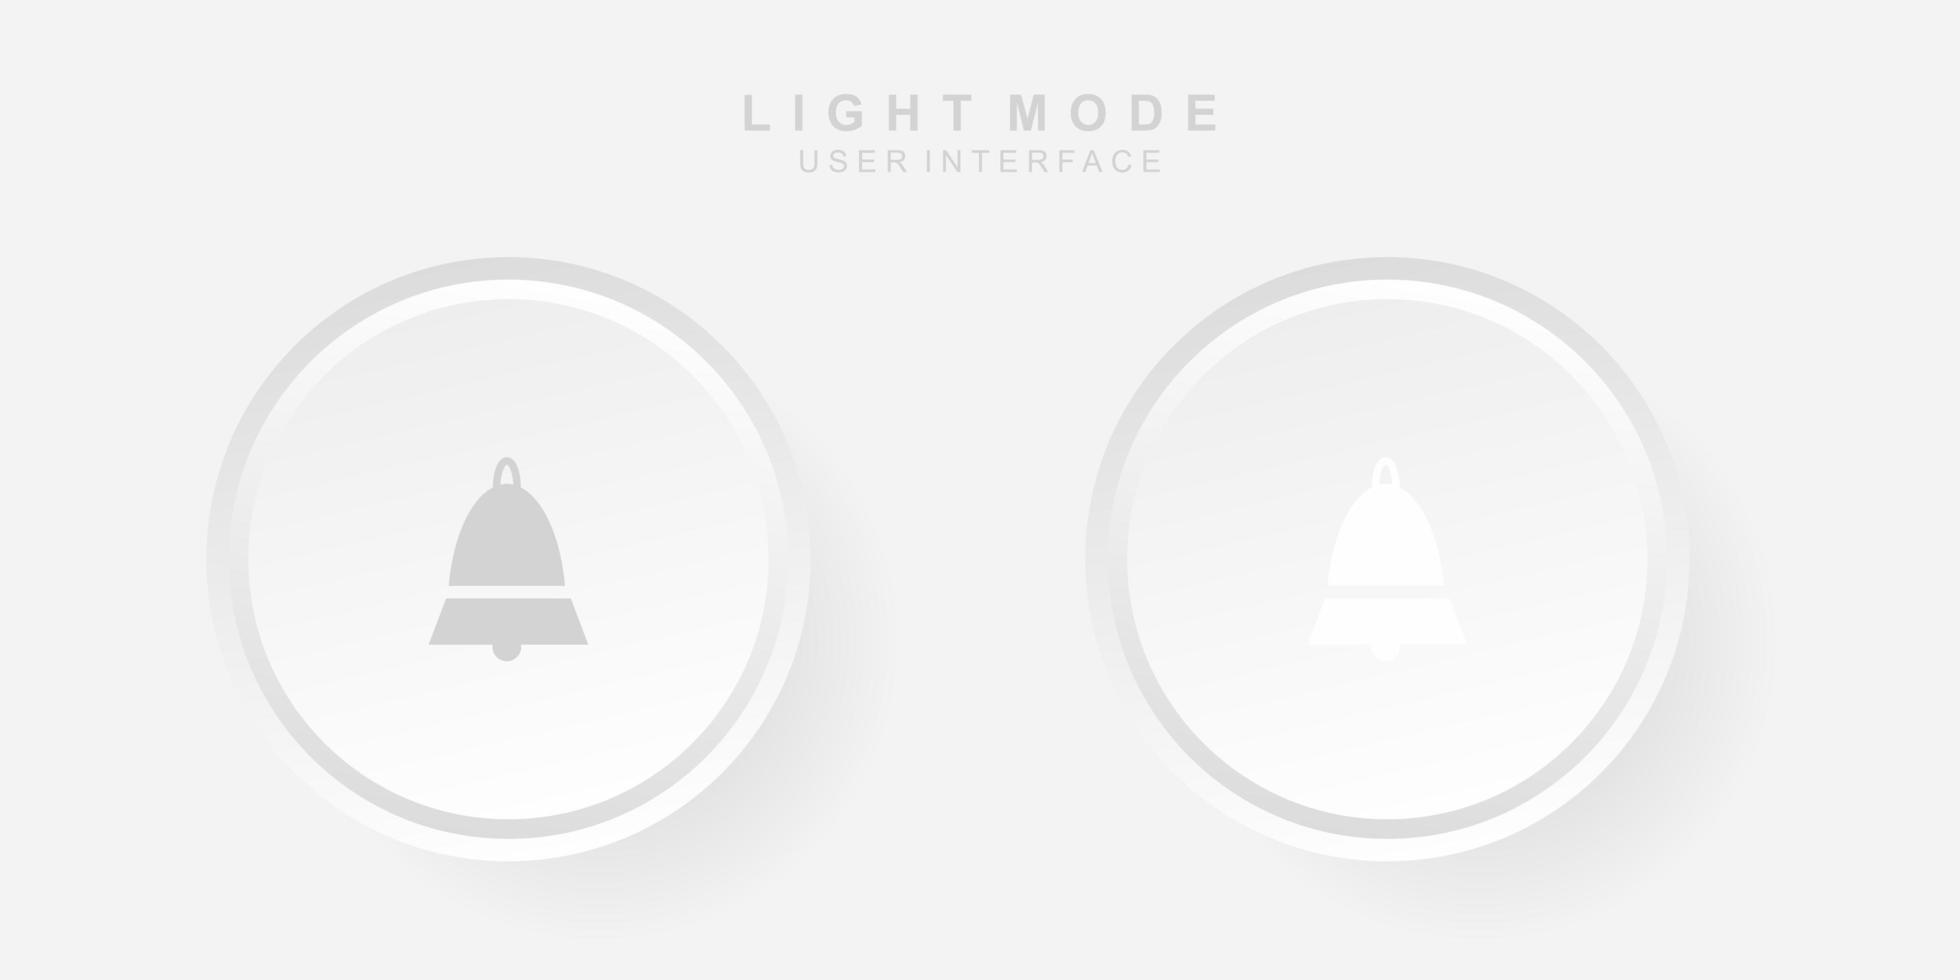 interface utilisateur de notification créative simple dans la conception de neumorphisme. simple moderne et minimaliste. vecteur